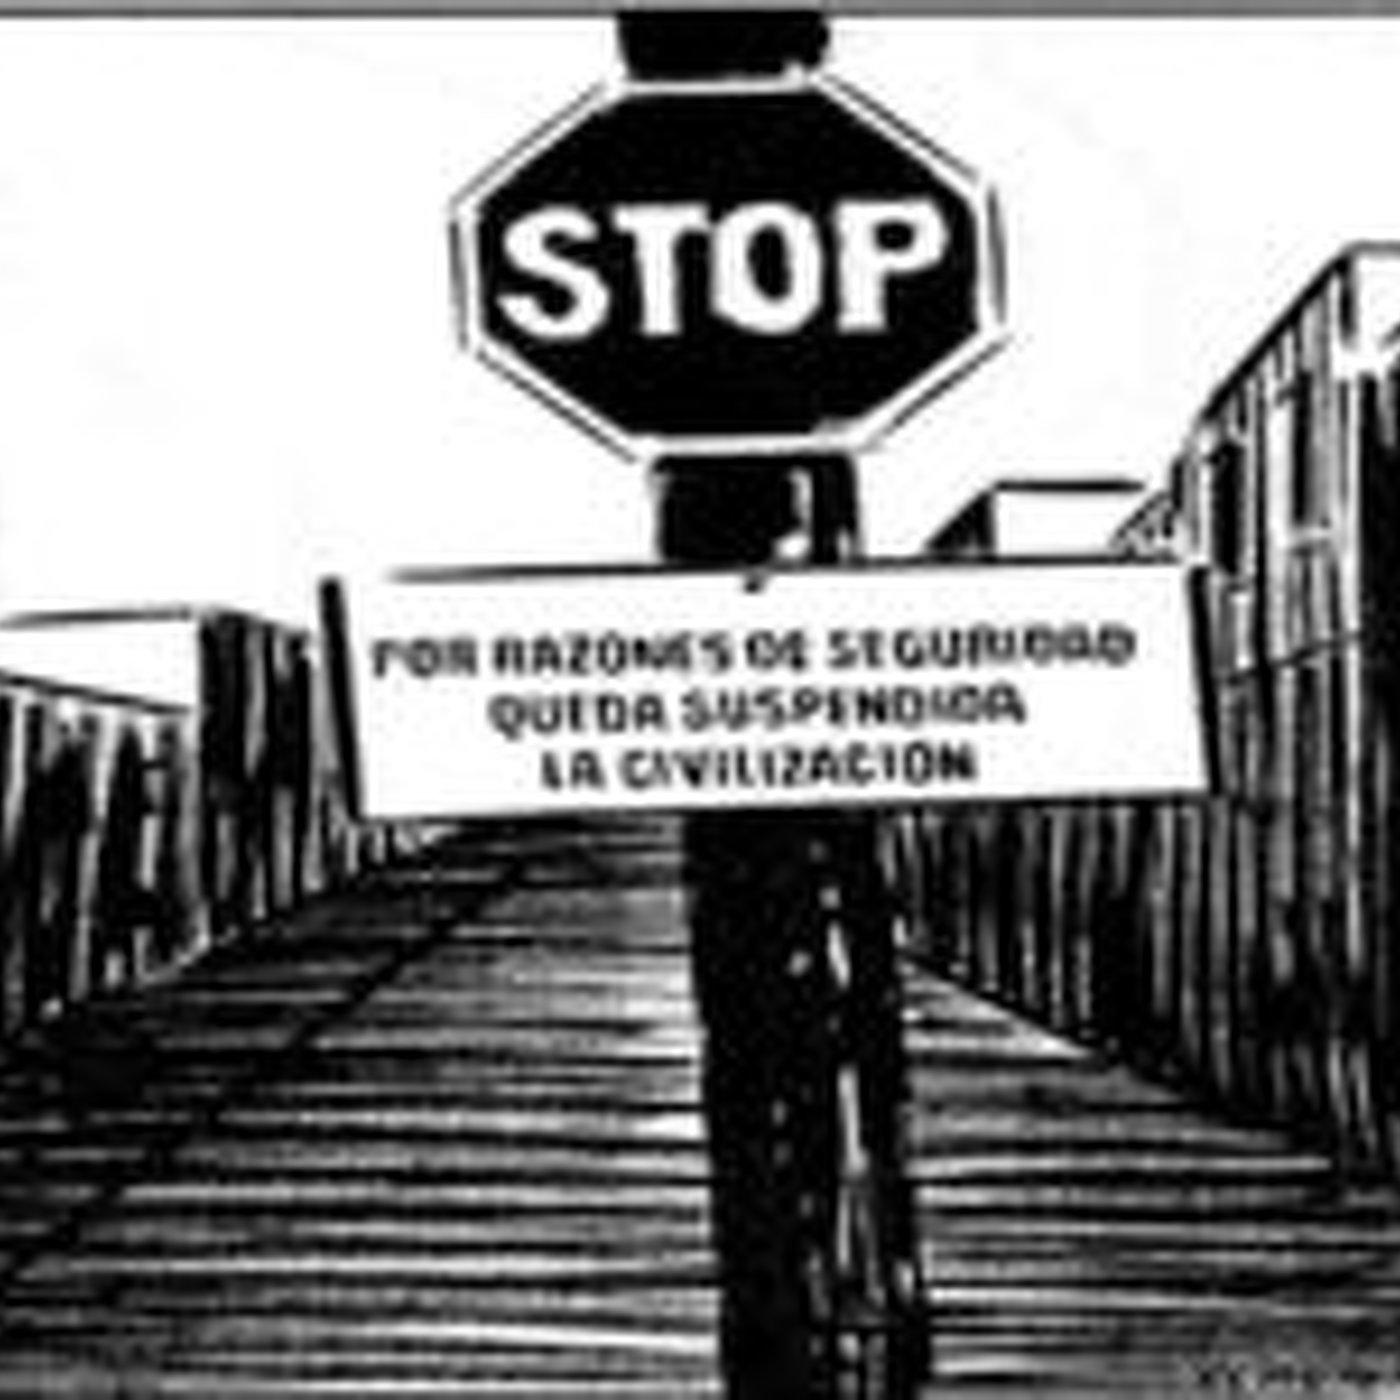 A vueltas con la ciudad, espacio común: Con Marina Garcés-Prof. Filosofía- y Miquel Fernández -Matar al Chino-